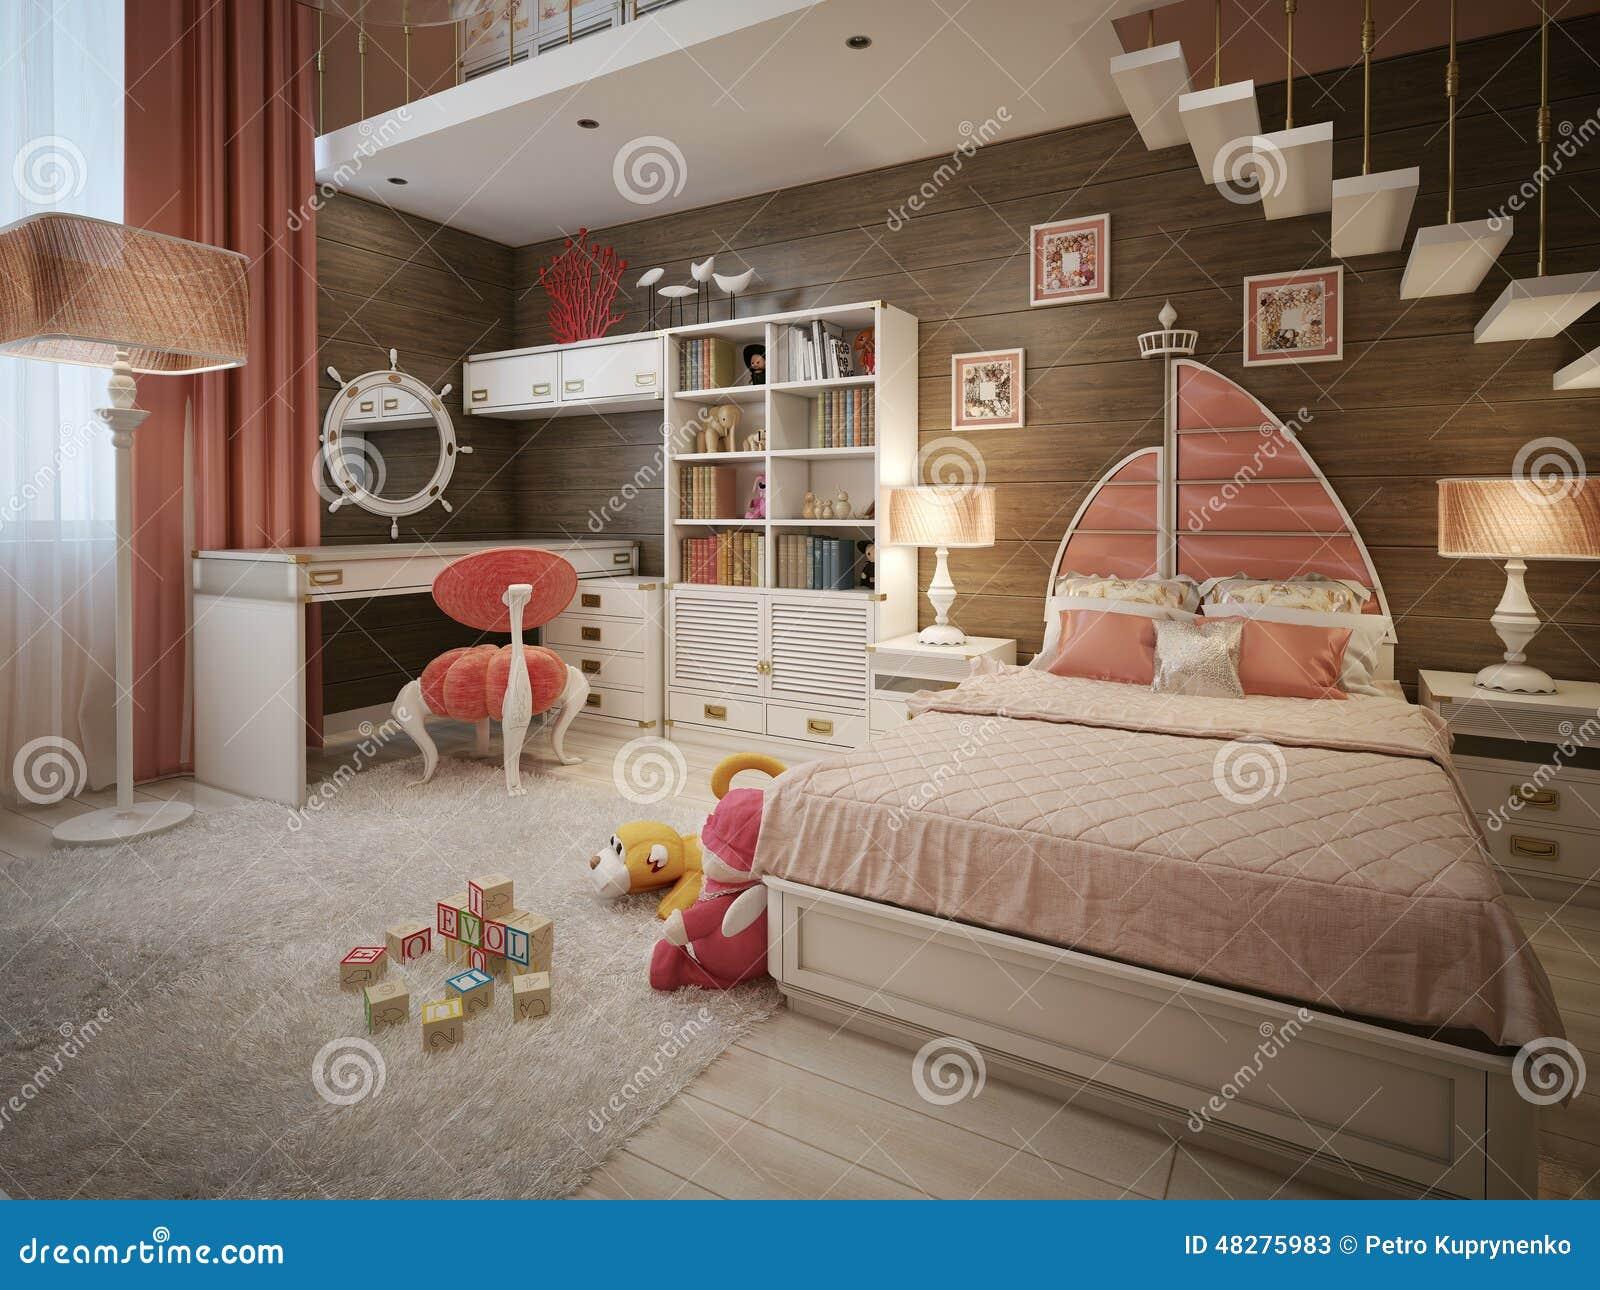 Simple download camera da letto delle ragazze nello stile - Camere da letto per teenager ...